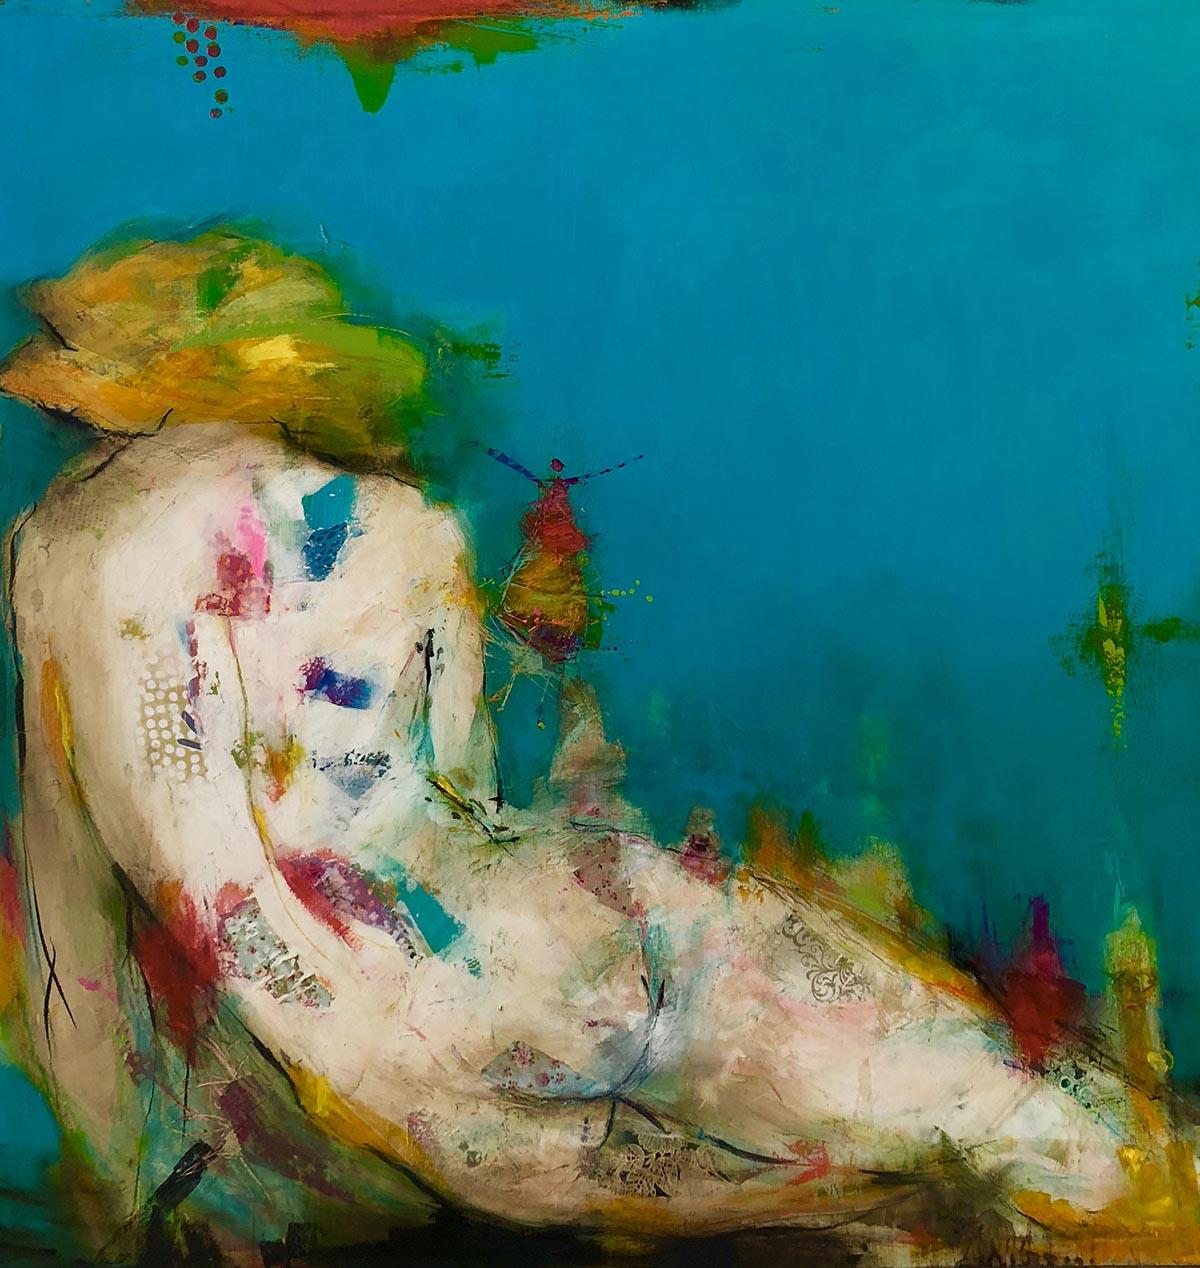 Woman, 80x80cm